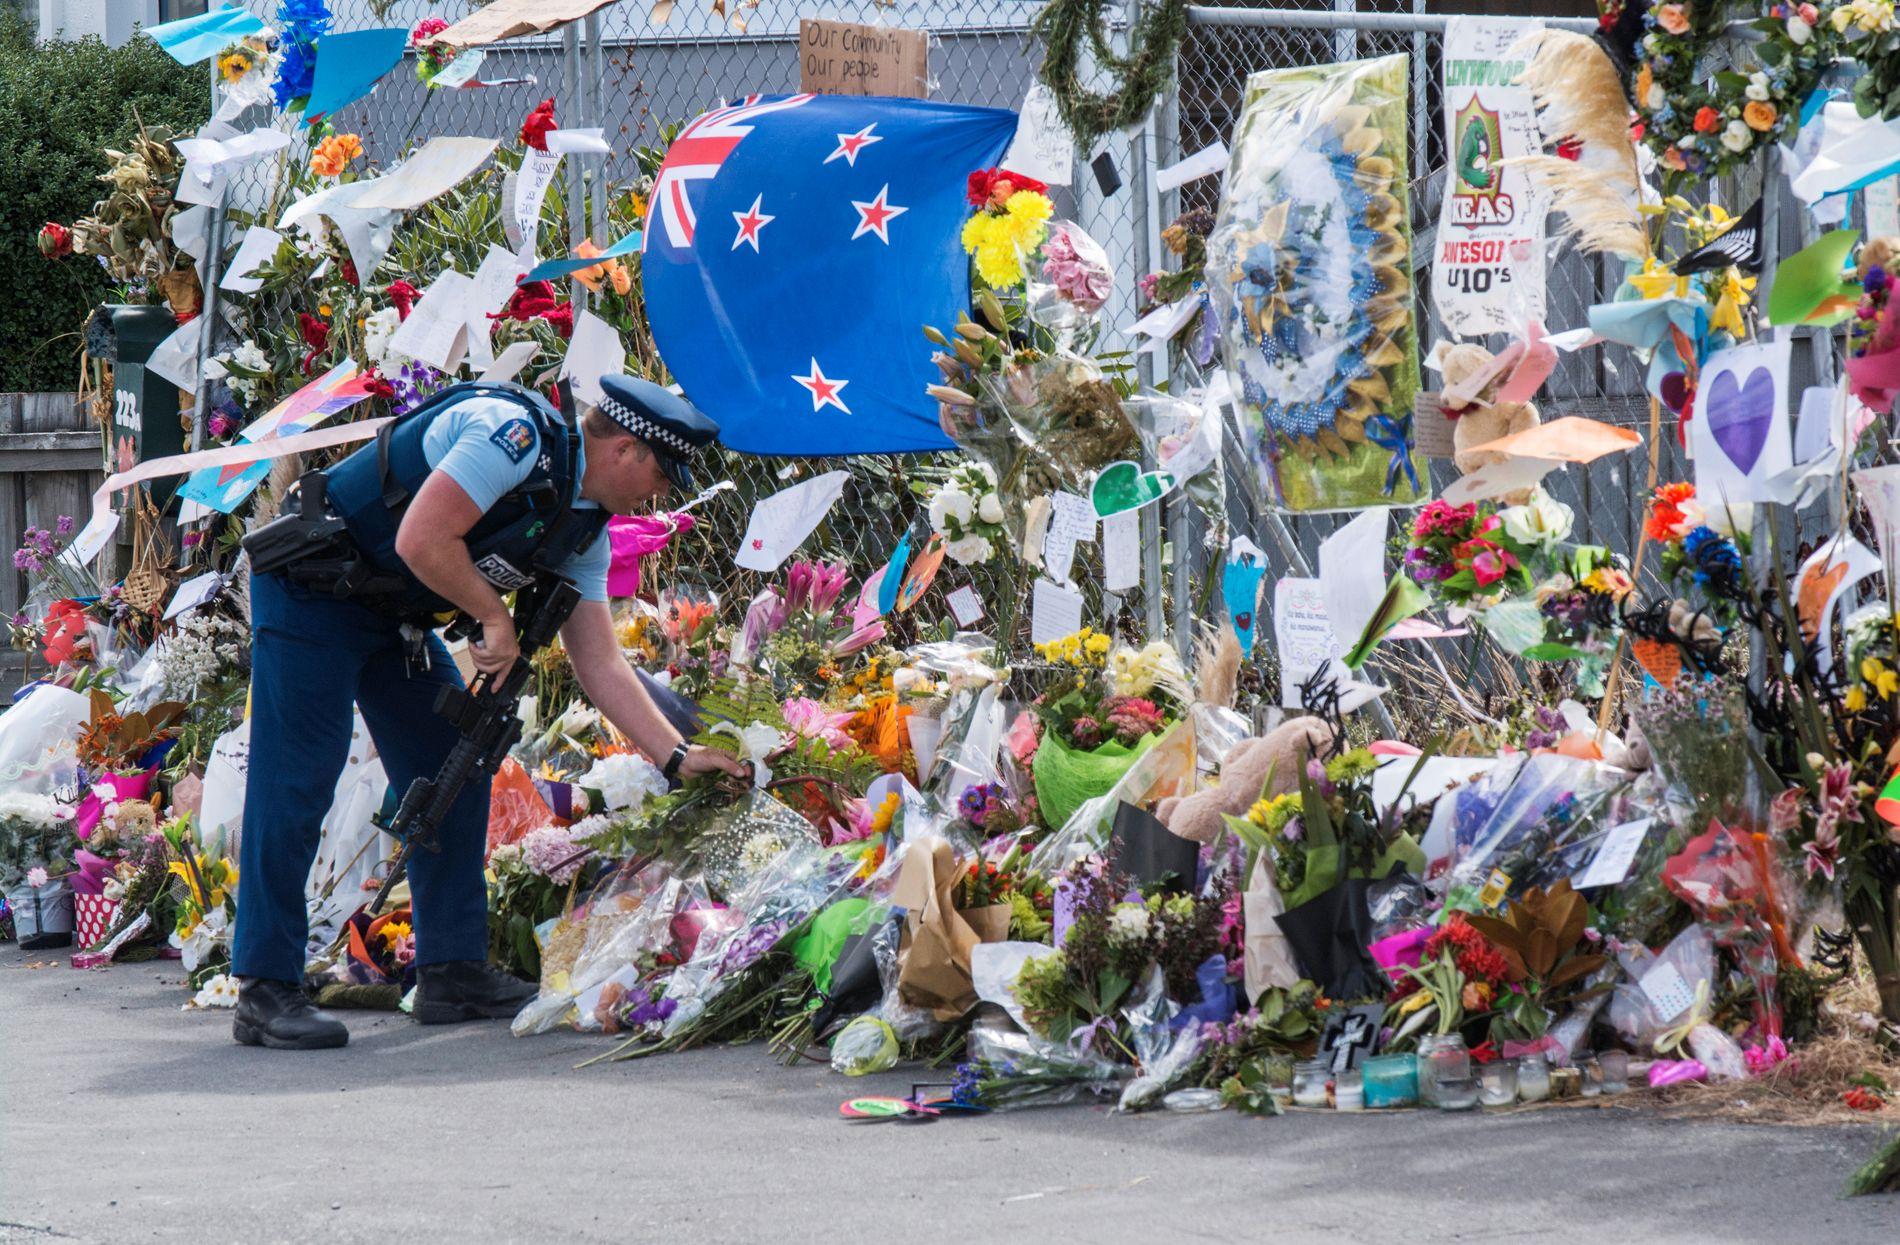 STILLHET: Etter terroren på New Zealand gikk statsminister Erna Solberg ut med en kondolanse til de drepte på sin egen Facebook-side. Den ble slettet etter hatefulle kommentarer og hets mot muslimer. Det burde fått alle til å skrike høyt at nå er det nok, men det er skremmende stille, skriver Camilla Ahamath.